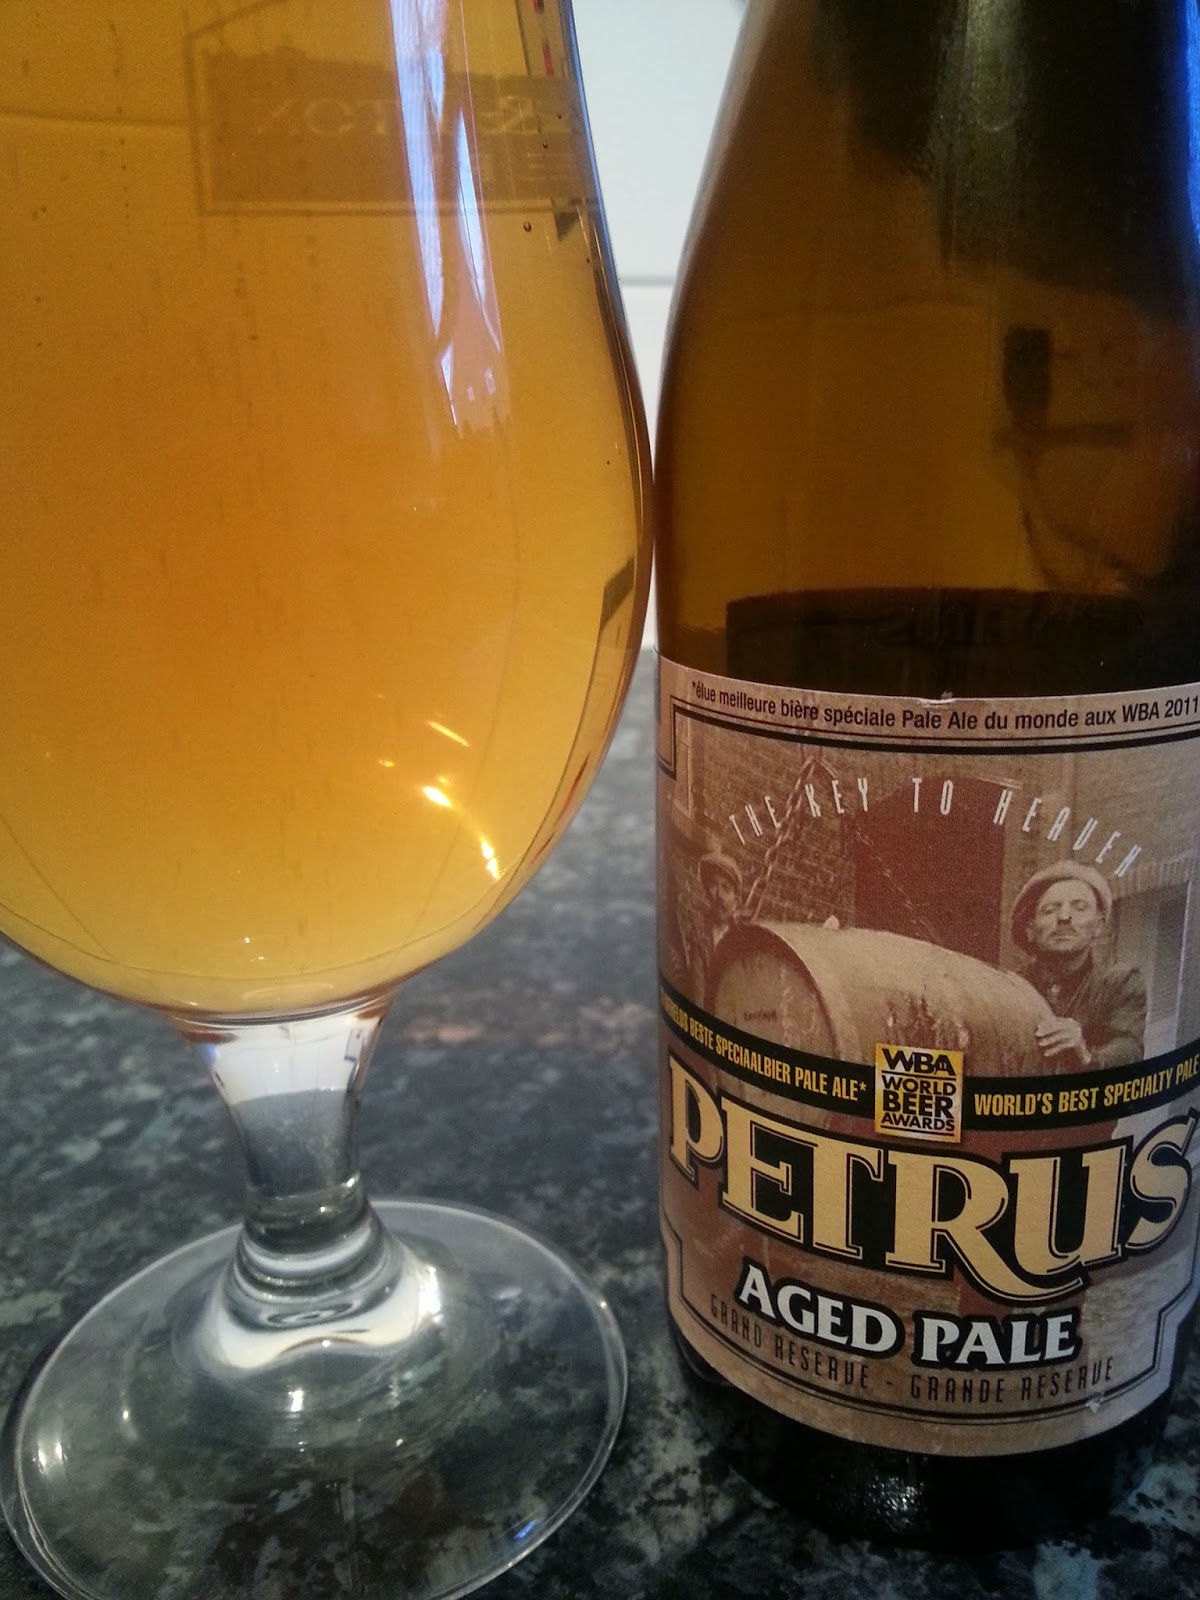 Aged Pale Ale